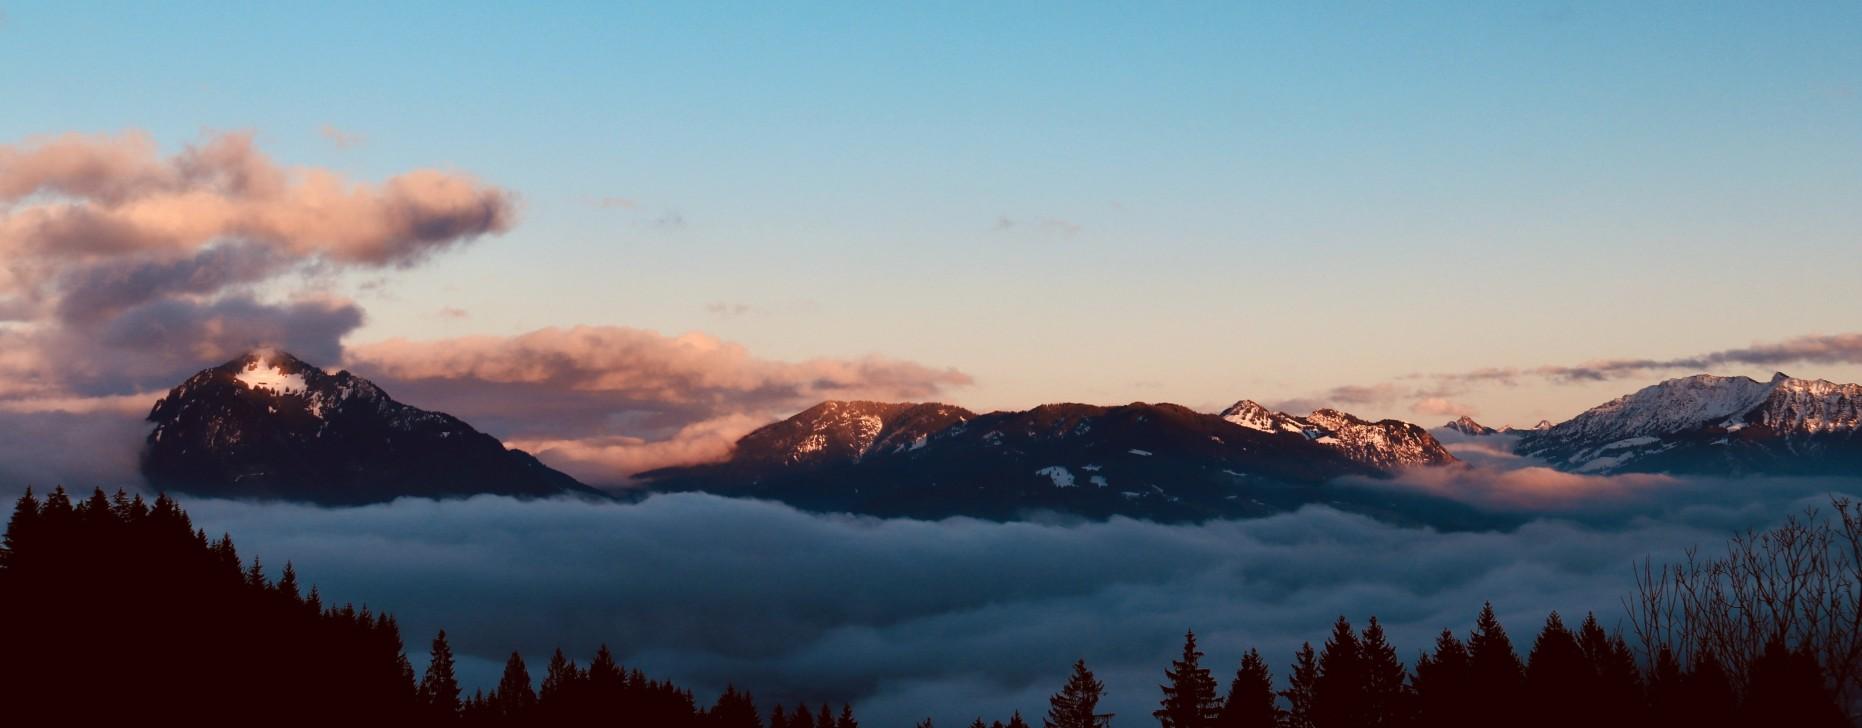 Willkommen im Berghof am Paradies